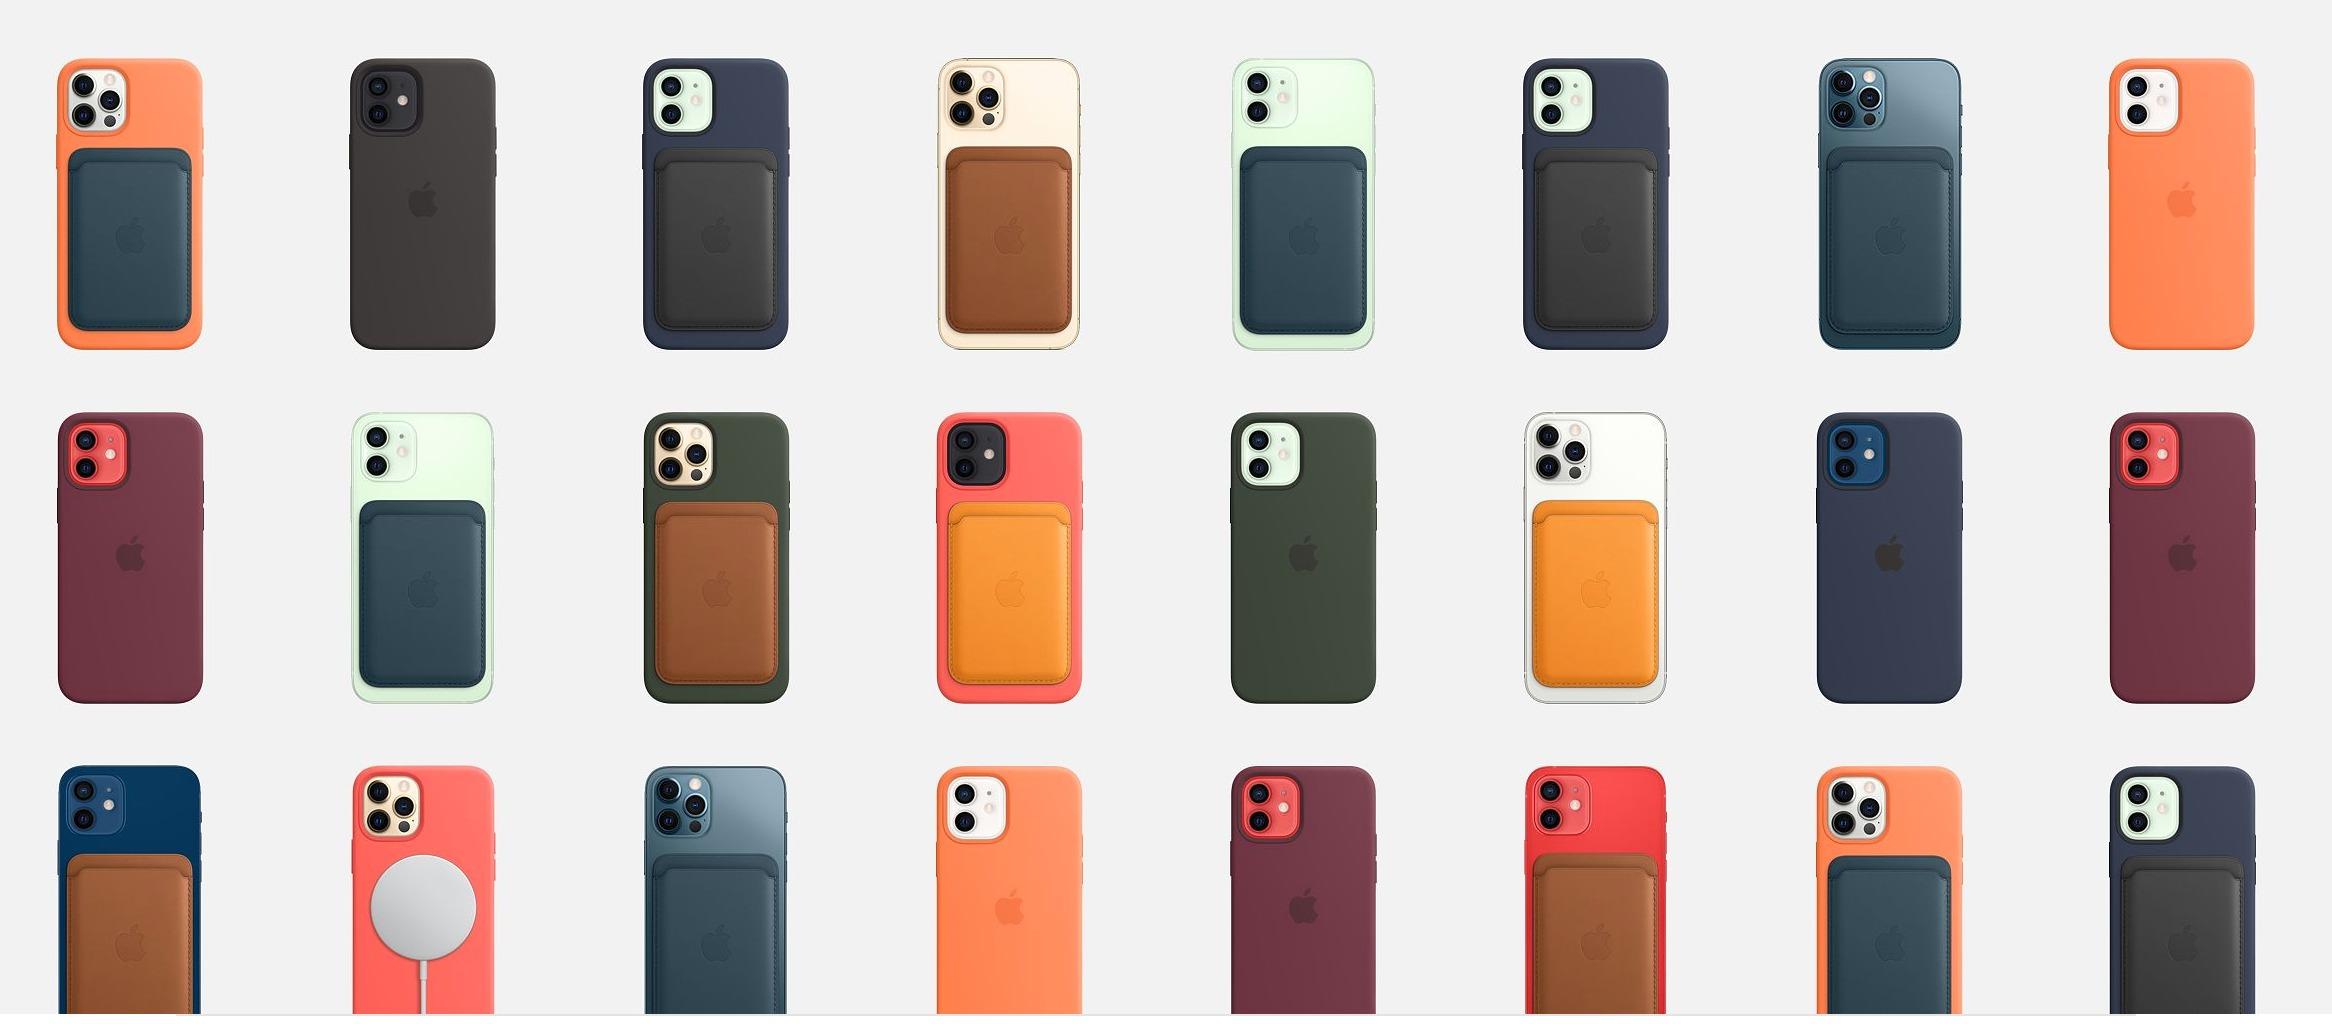 【2020】iPhone12にオススメのケース3選。Magsafe対応モデルも紹介!